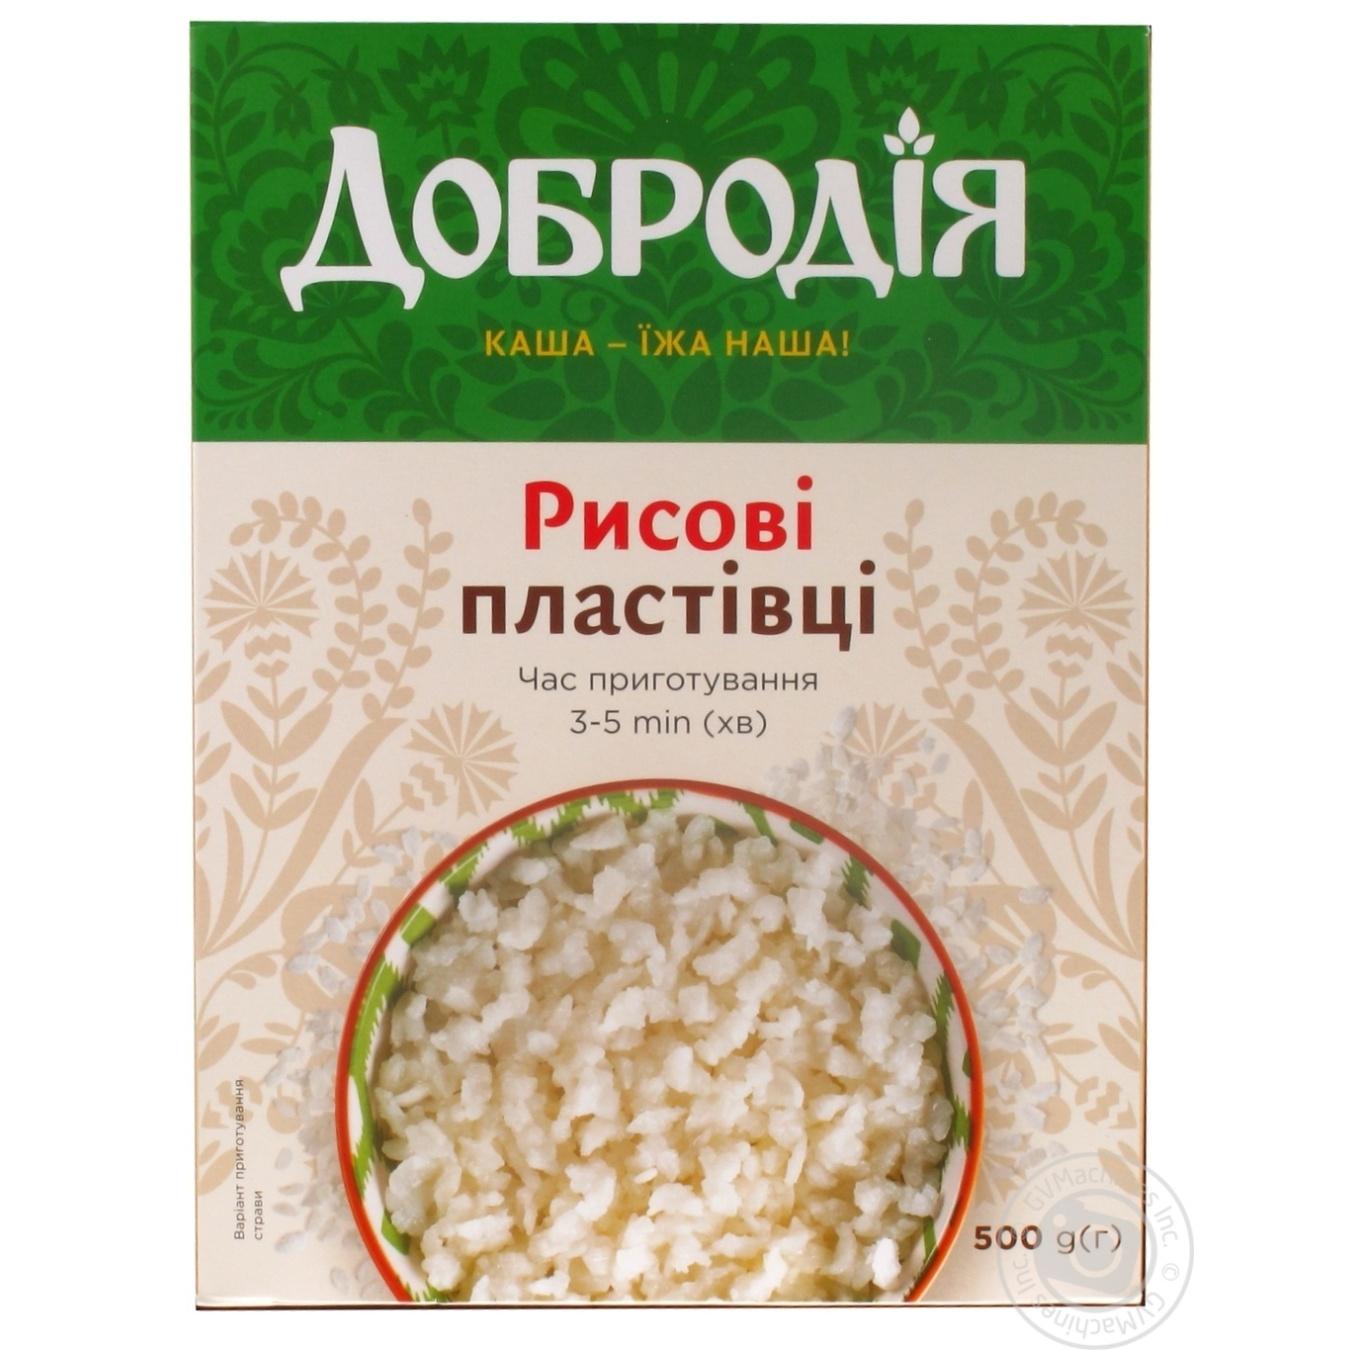 Купить Пластівці рисові Добродія 500г